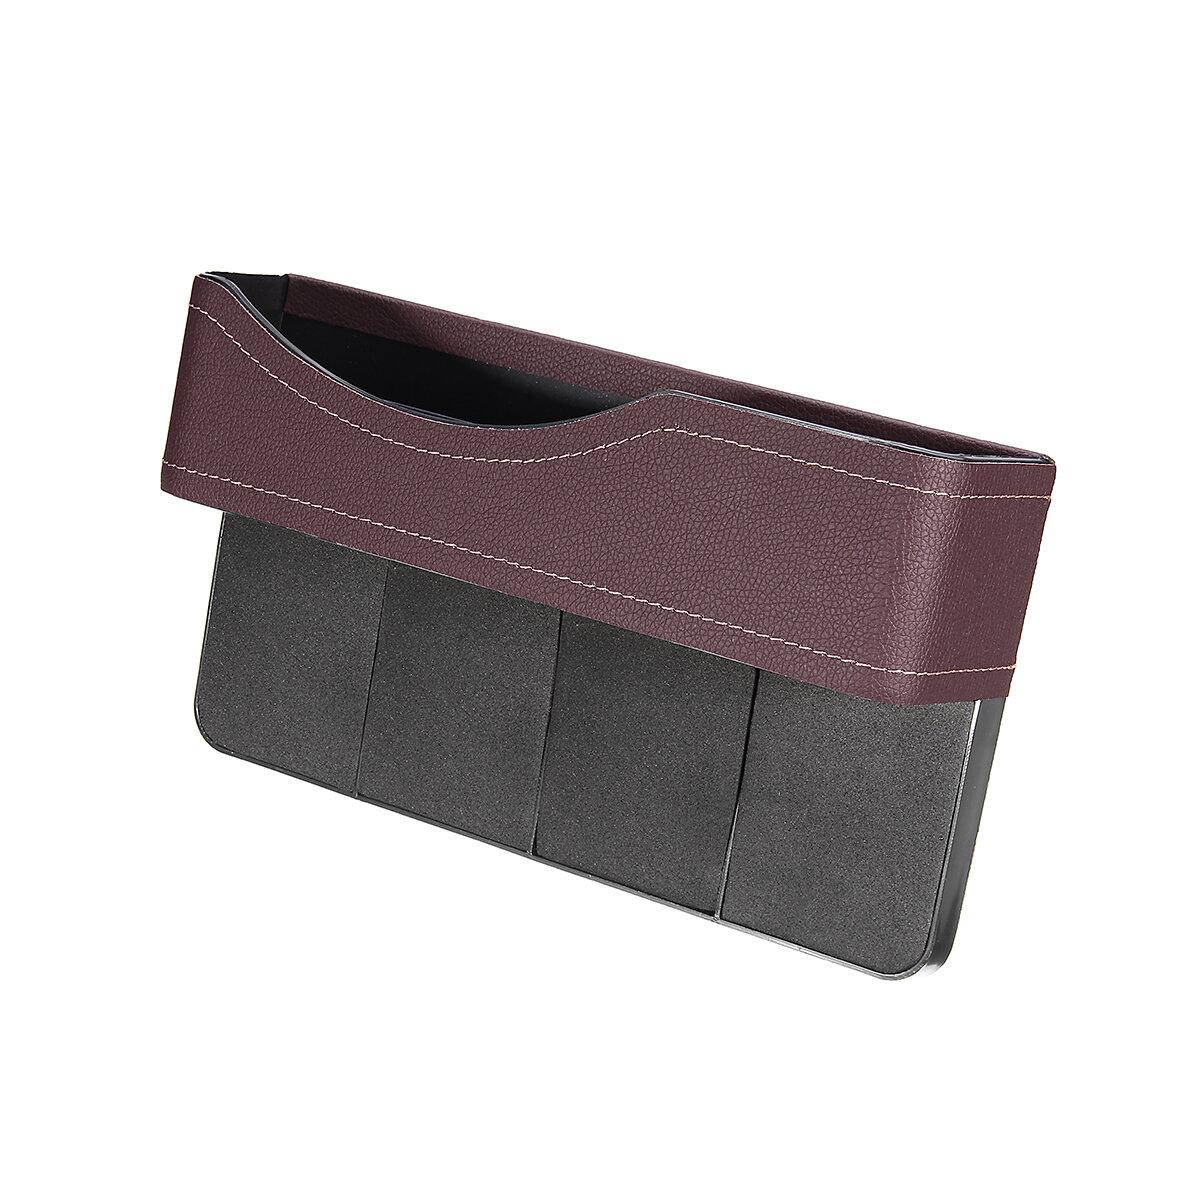 PUレザーカーシートギャップストレージボックスシートスリットポケット電話ホルダー